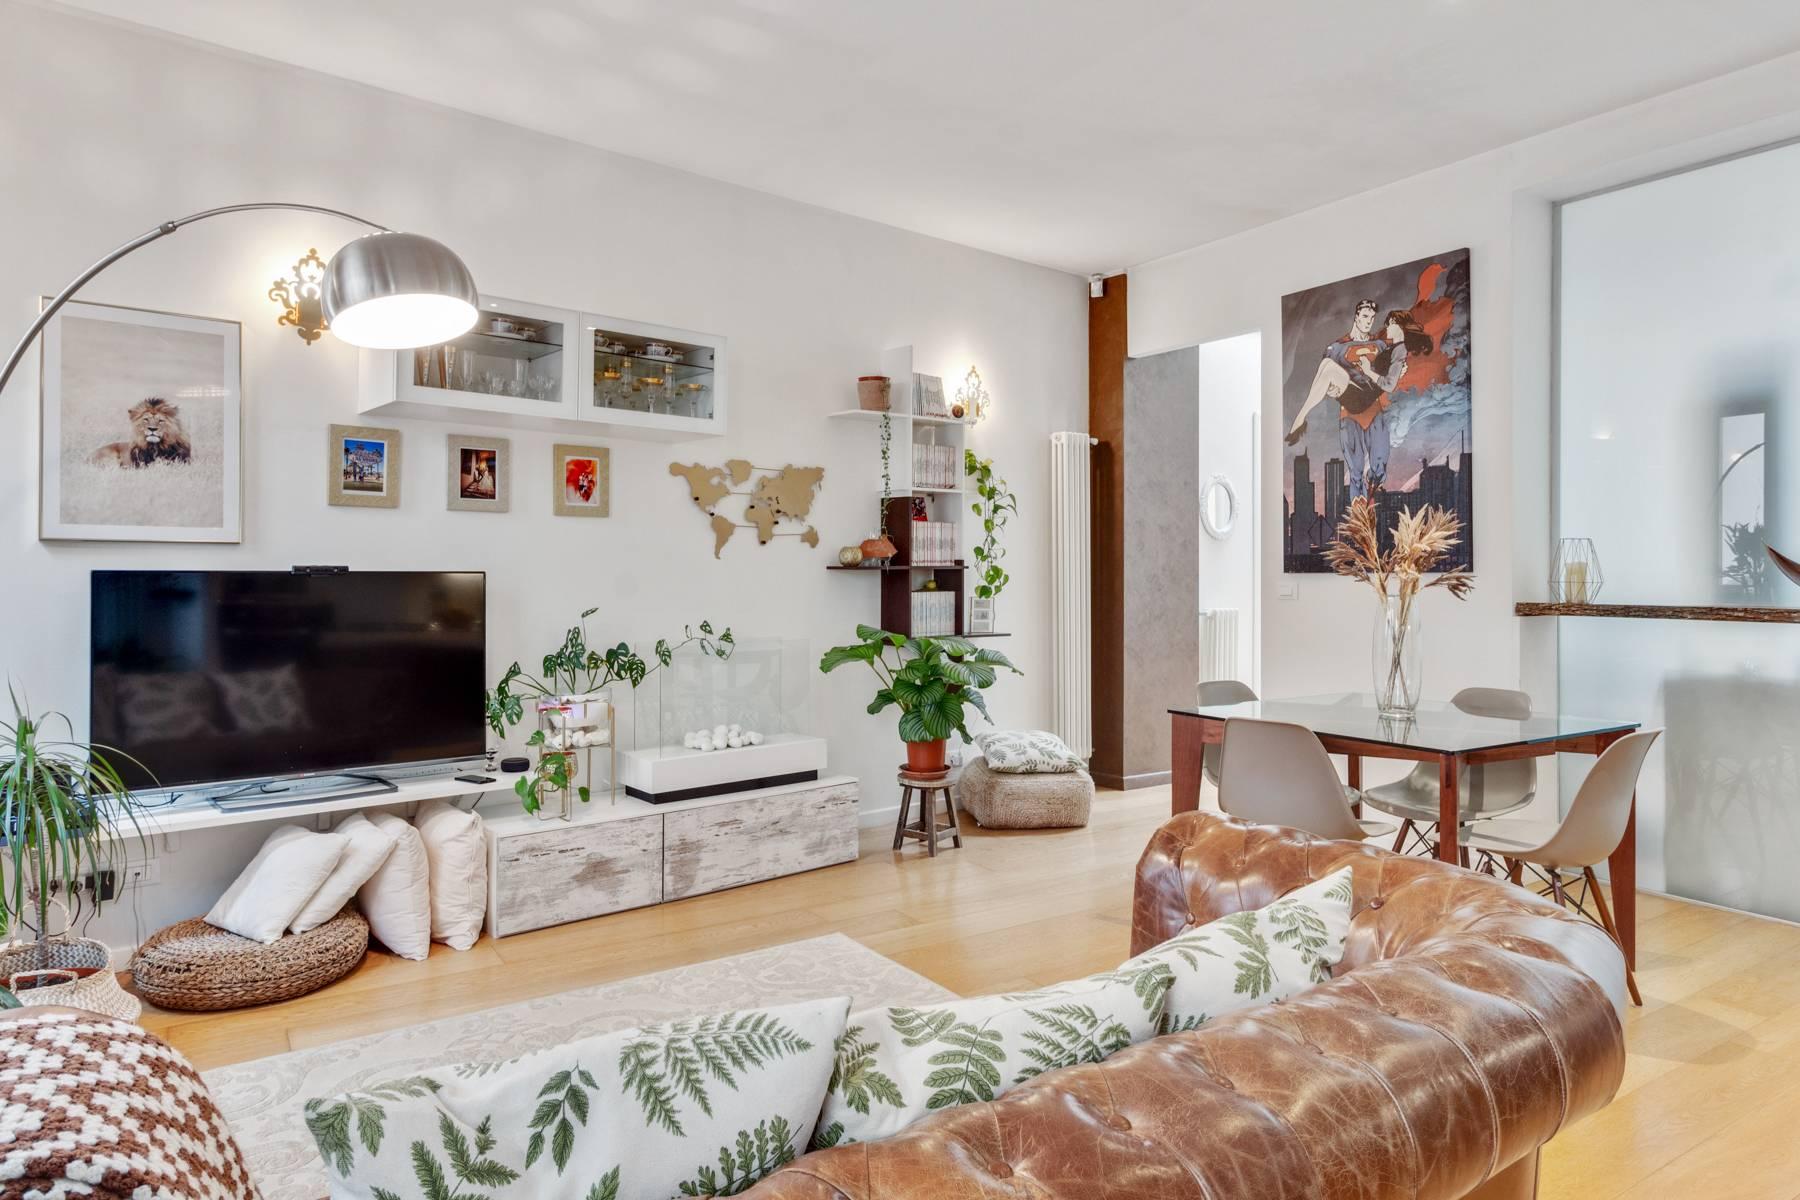 Appartamento in Vendita a Torino: 3 locali, 70 mq - Foto 4